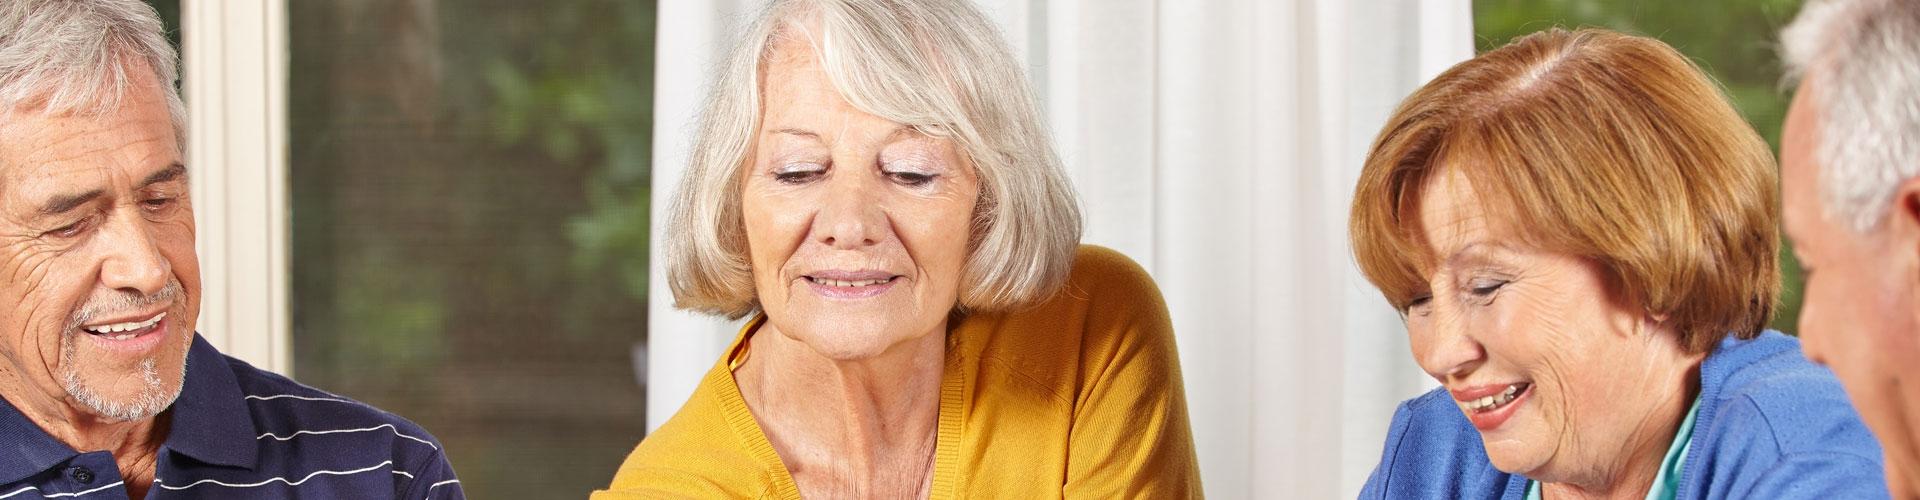 senior-living-header-image